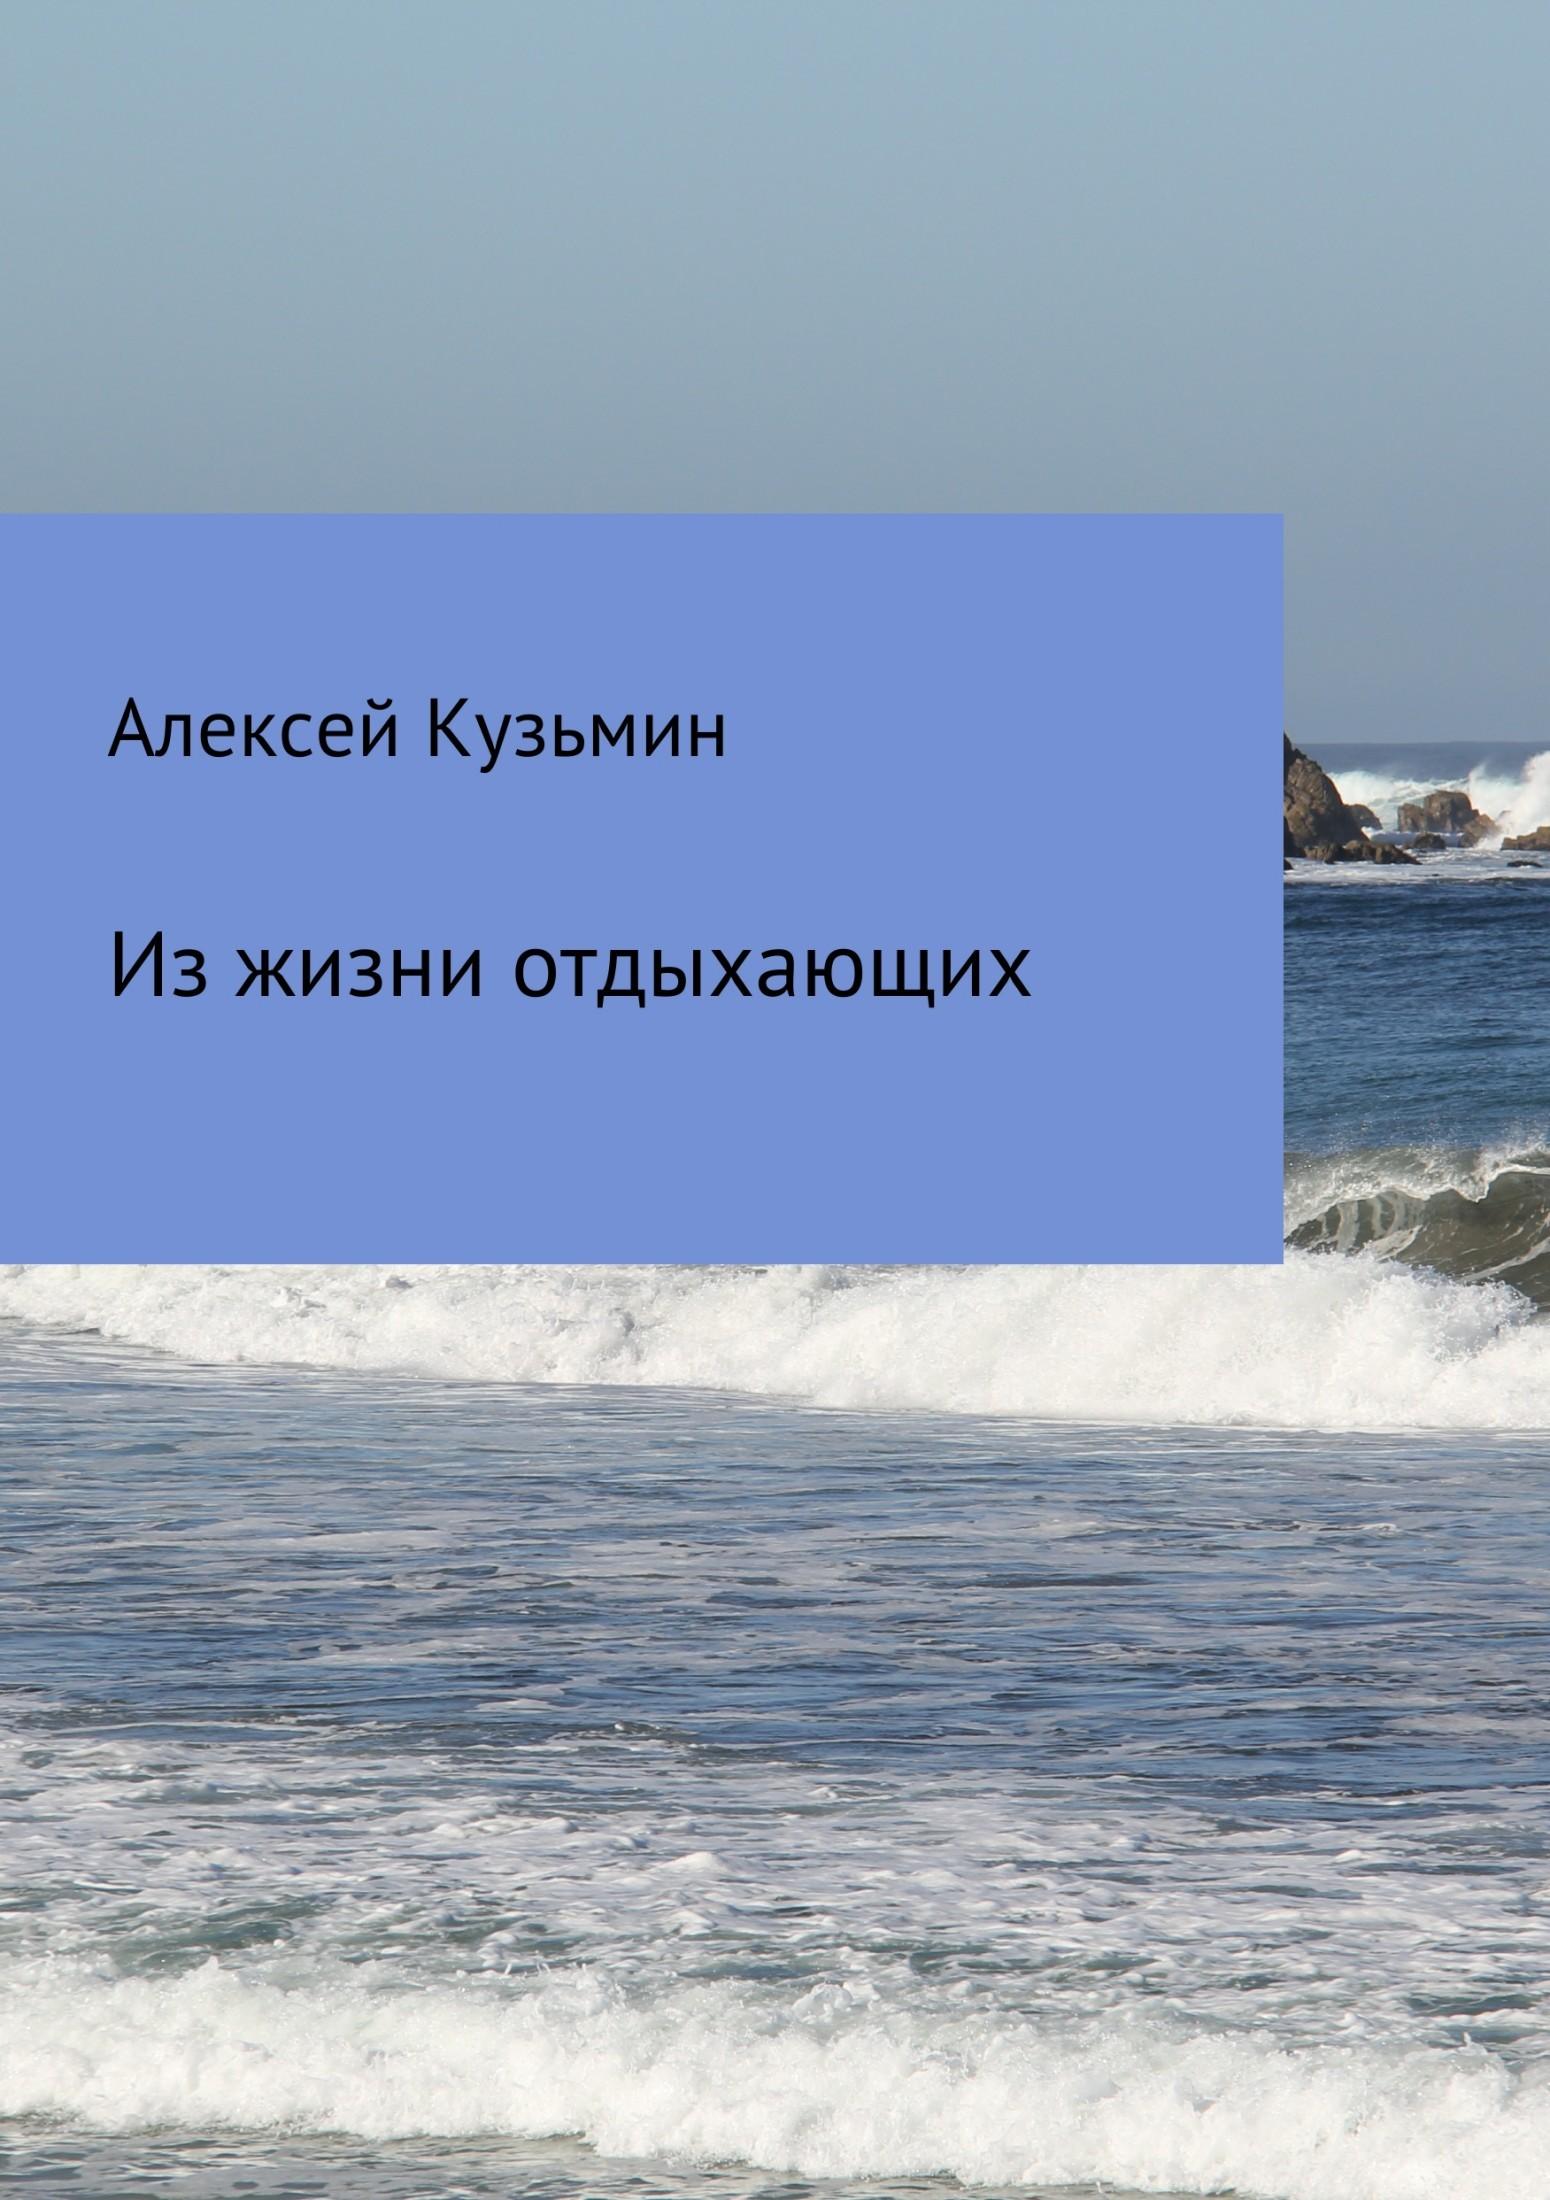 Алексей Кузьмин - Из жизни отдыхающих